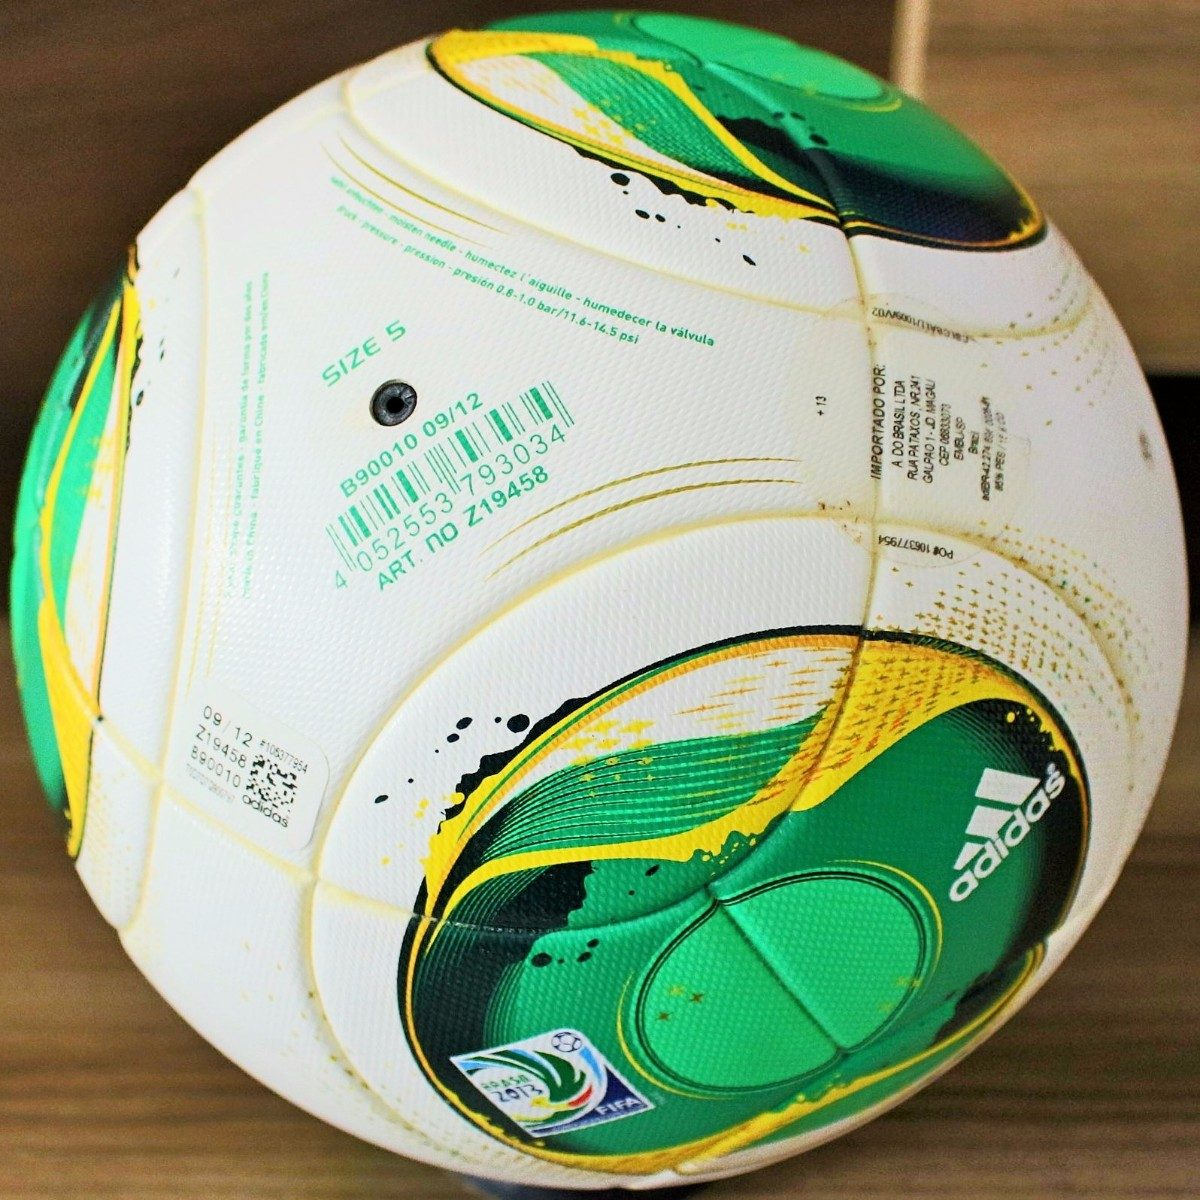 Carregando zoom... bola adidas cafusa oficial da copa das confederações 2013 a8a17467ee8ea